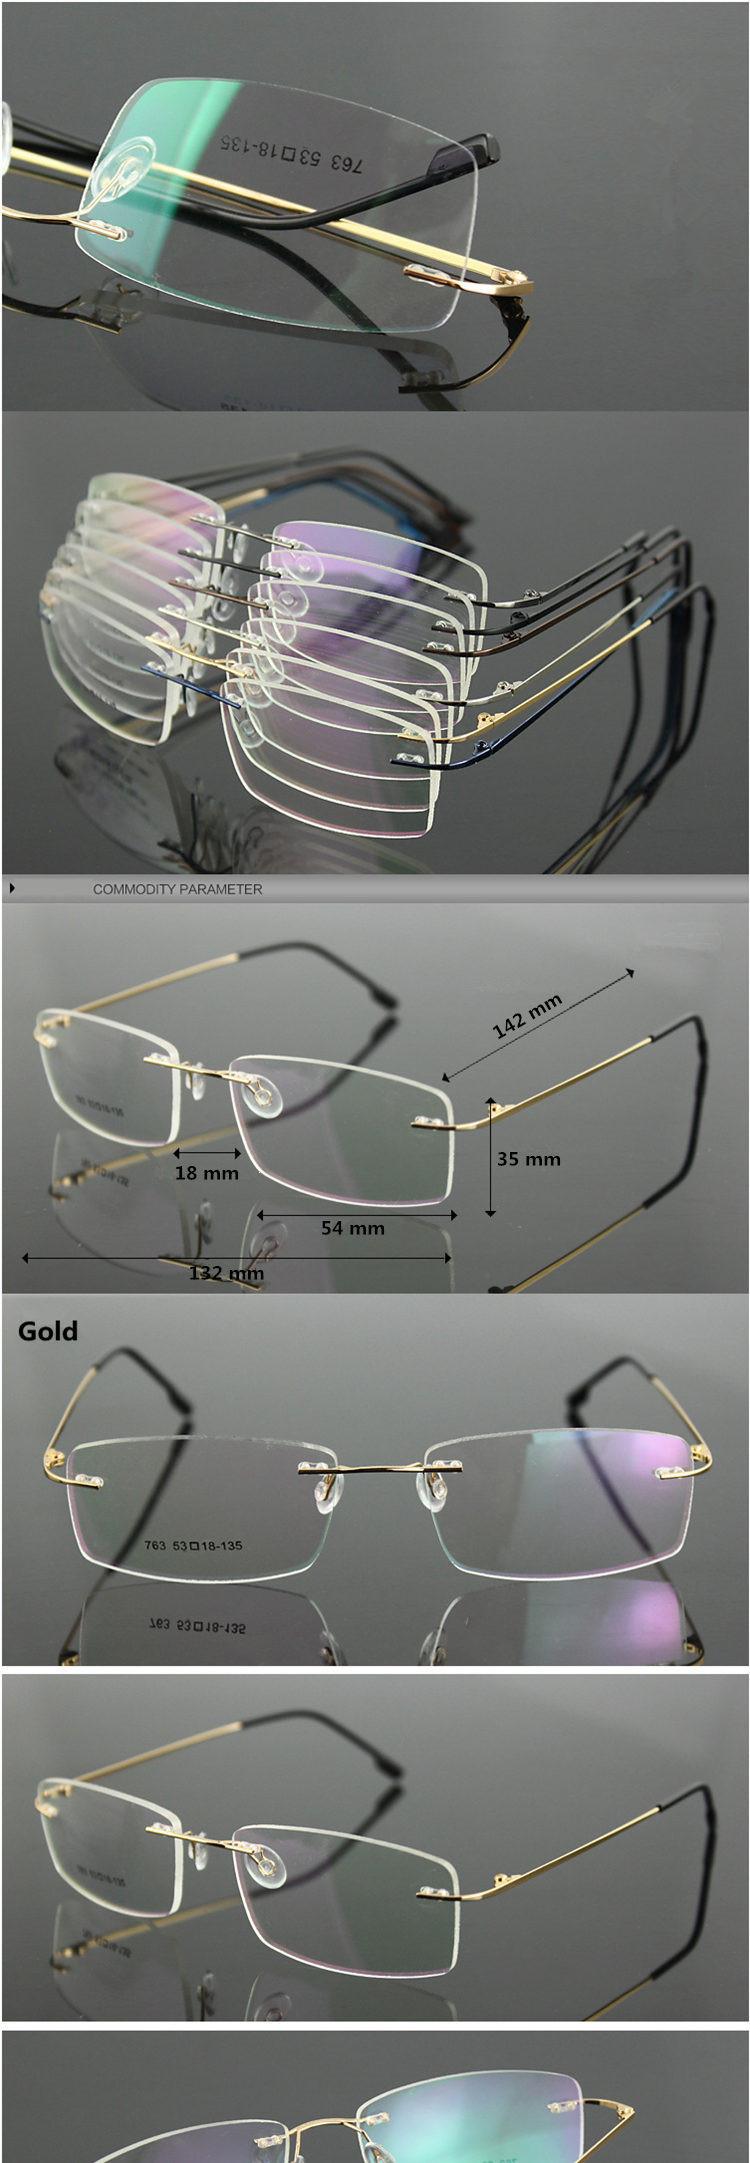 f0a03b79fa8e1 moda Clássico Dos Homens de Negócios de Titânio Puro Armações de Óculos de  Miopia Enquadrar Ultra-leve óculos Meia Armação de Titânio Óptico Frame  BE006-763